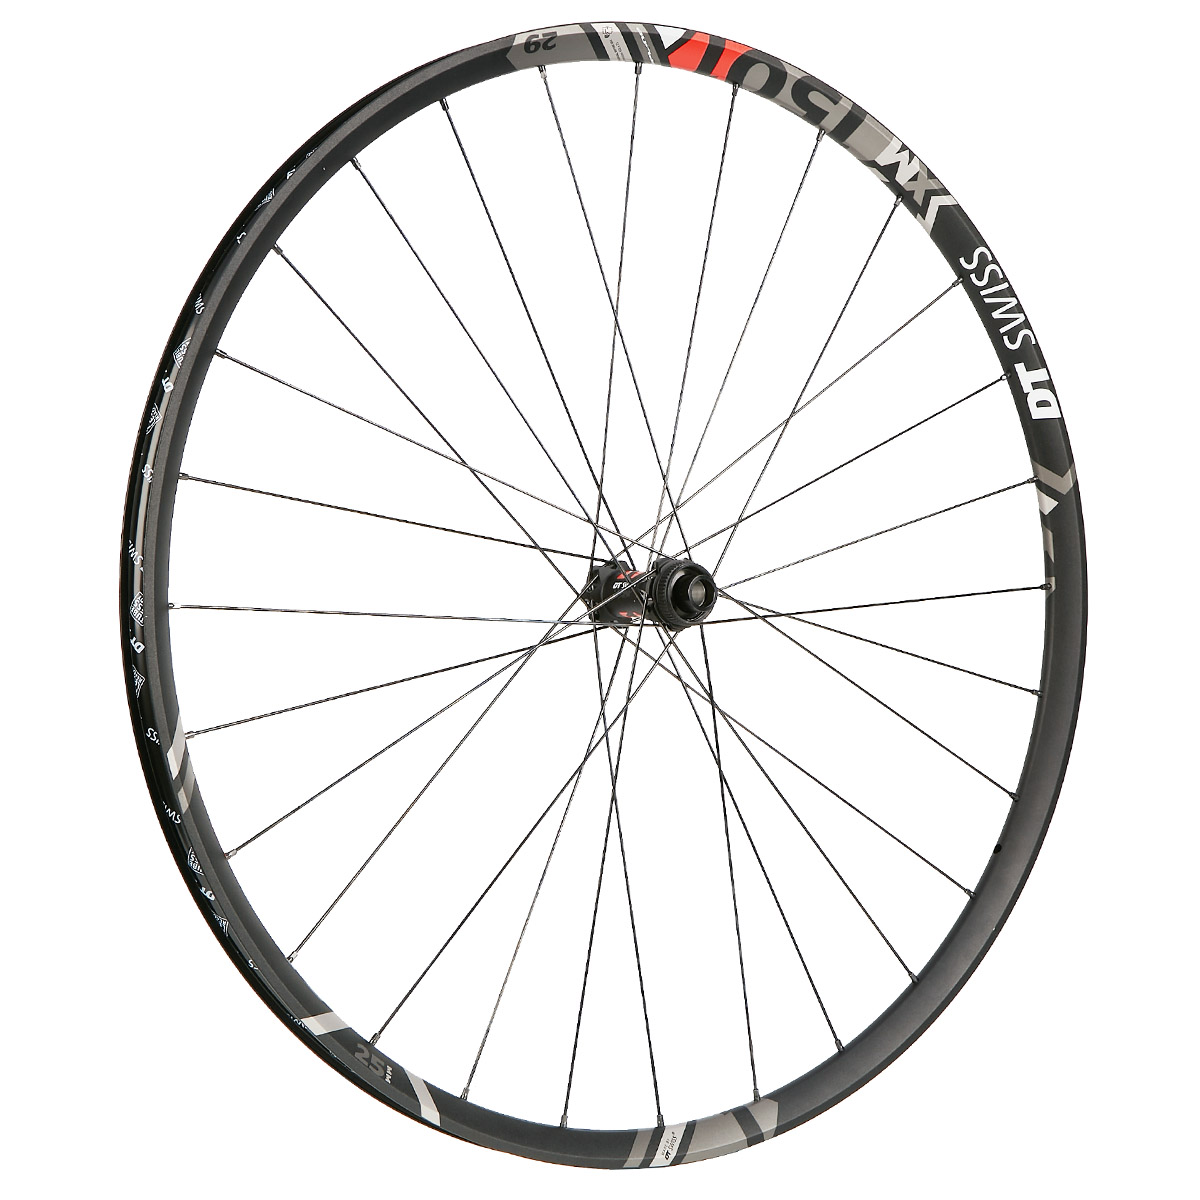 DT XR1501 SPLINE-1 28h Black 29er Mountain Bike Front Wheel 6b Disc Tubeless